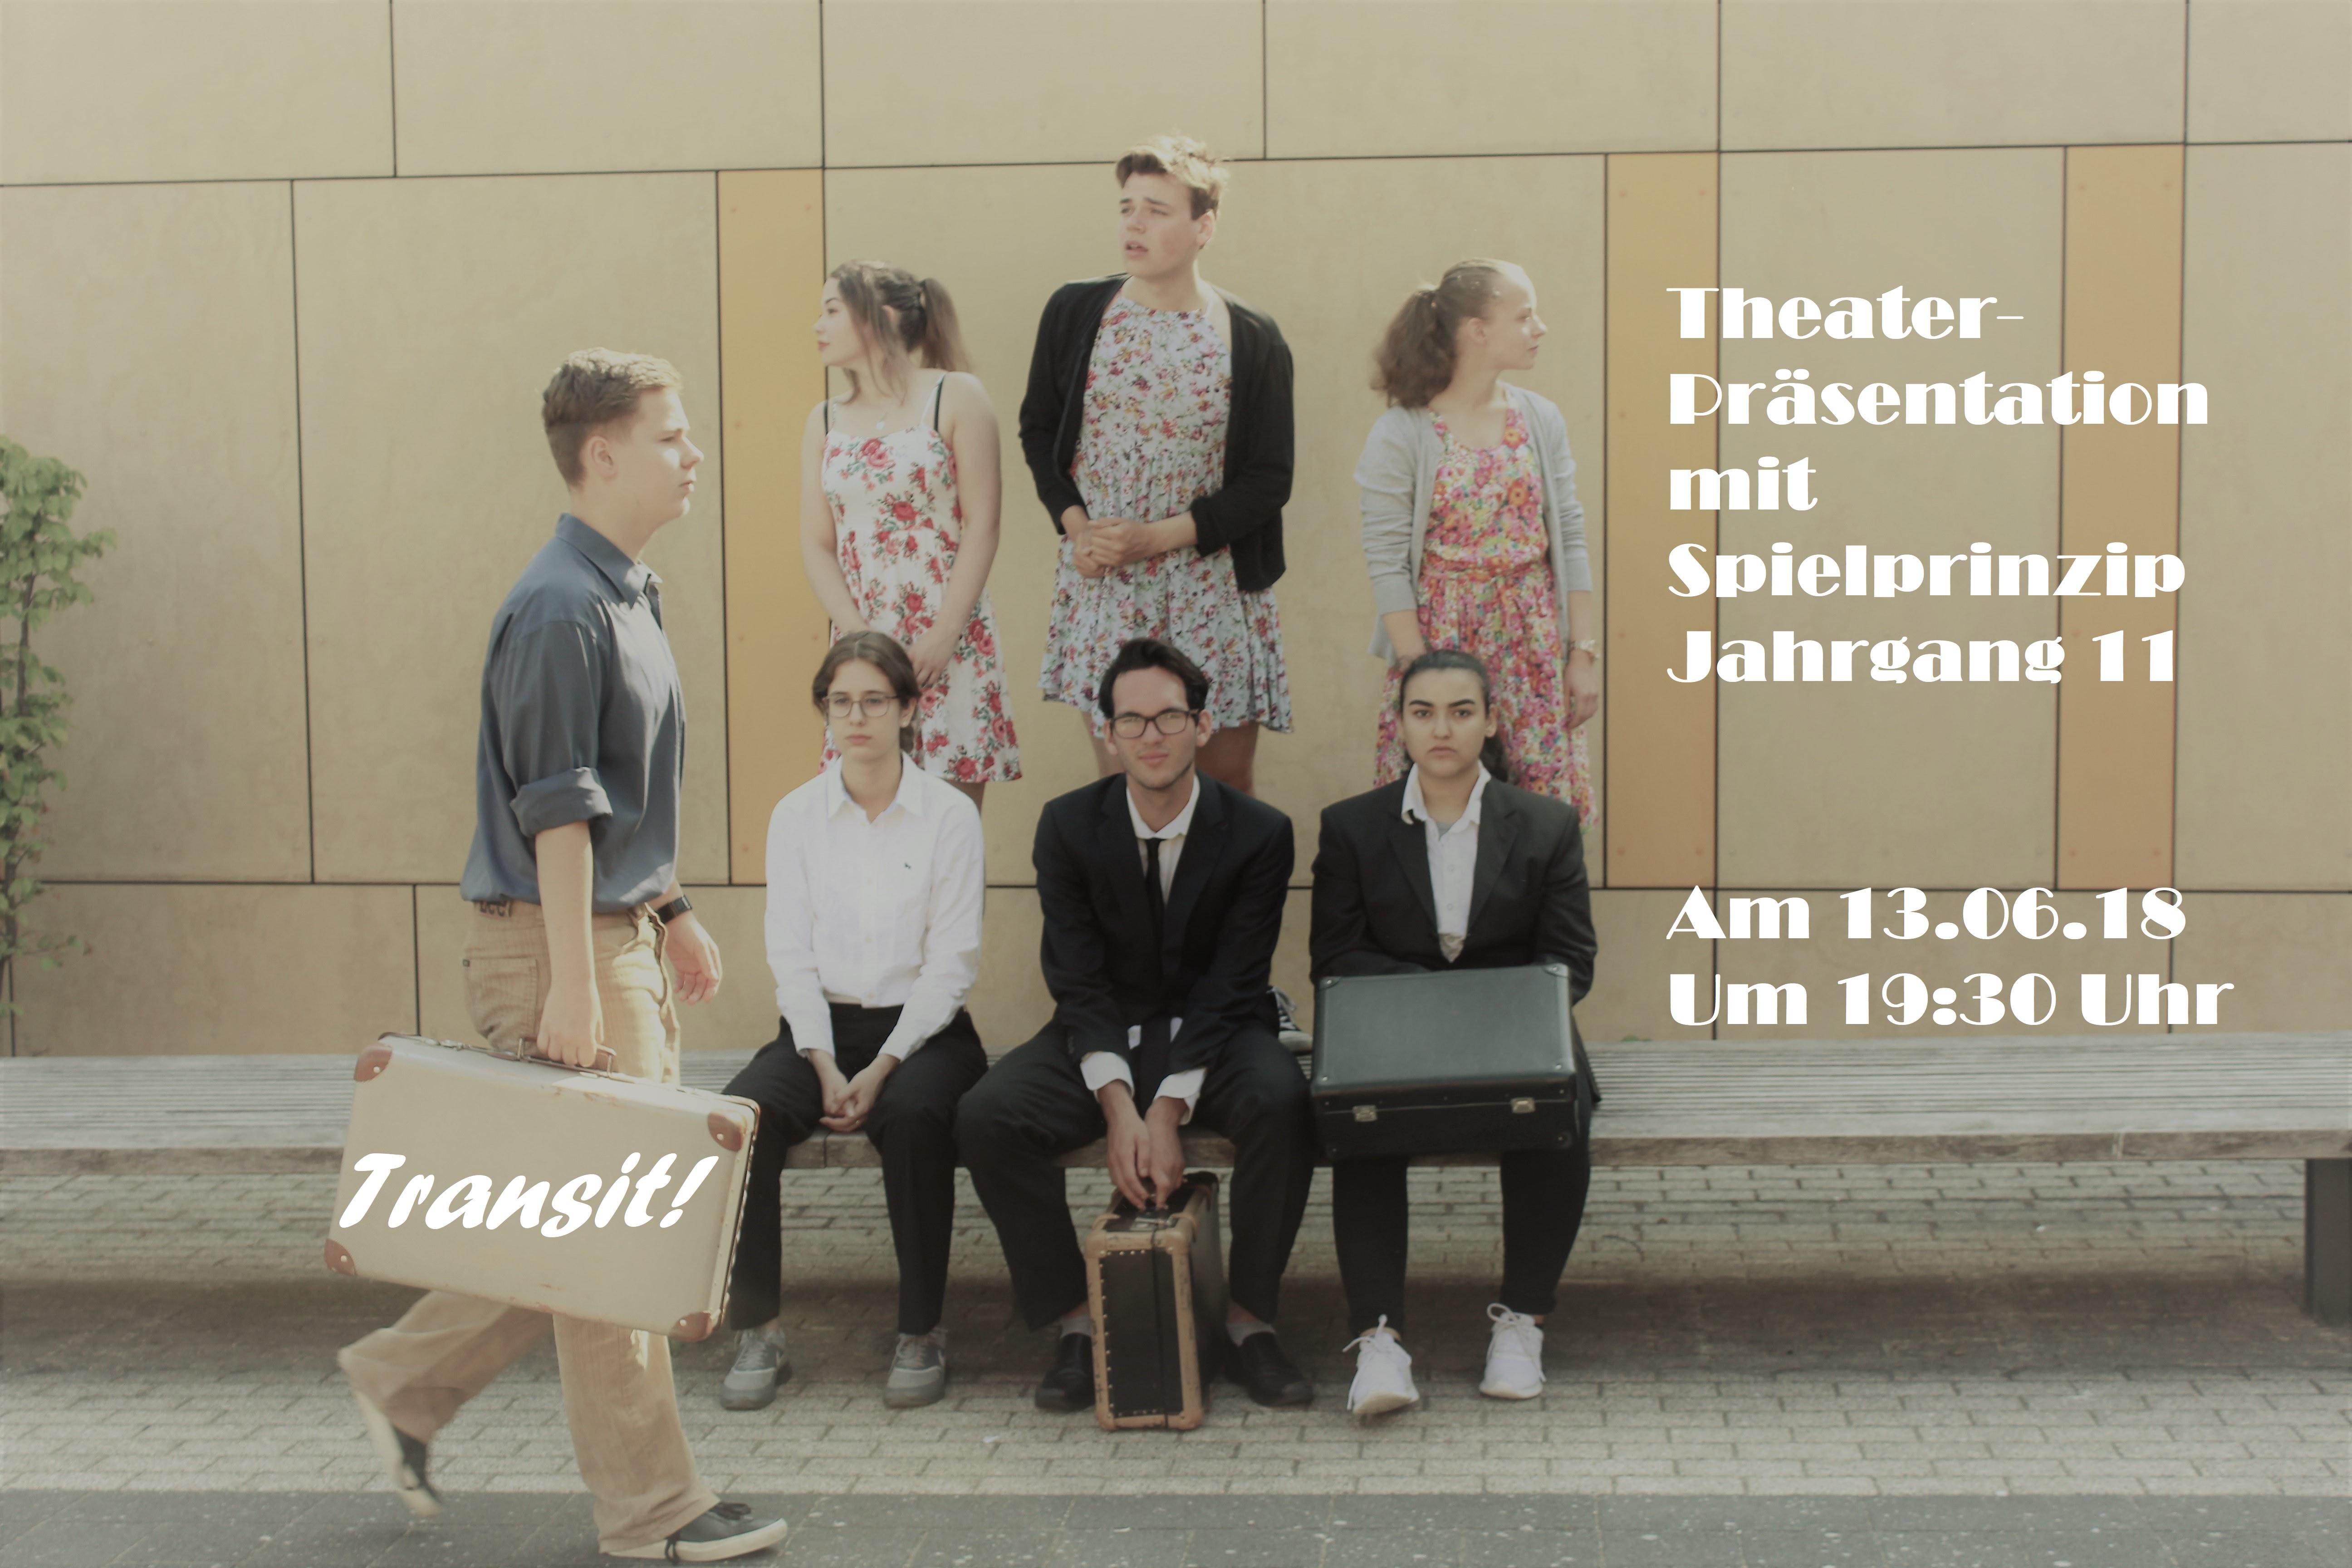 Transit! Theaterpräsentation mit Spielprinzip des 11. Jahrgangs